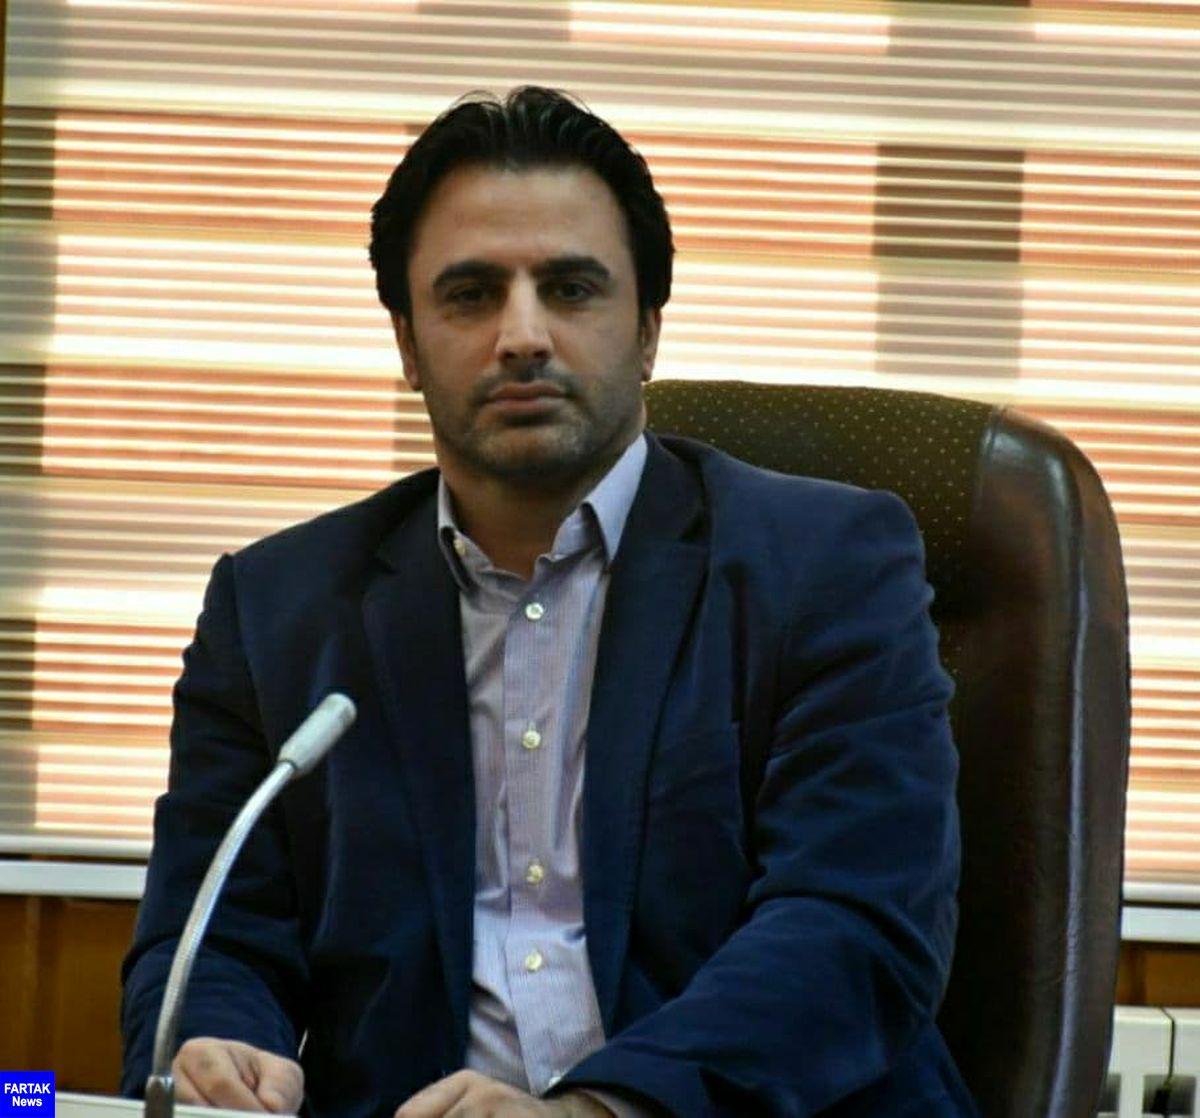  انجام تعمیرات اساسی موفق شرکت پالایش نفت کرمانشاه با بالاترین استانداردهای ایمنی